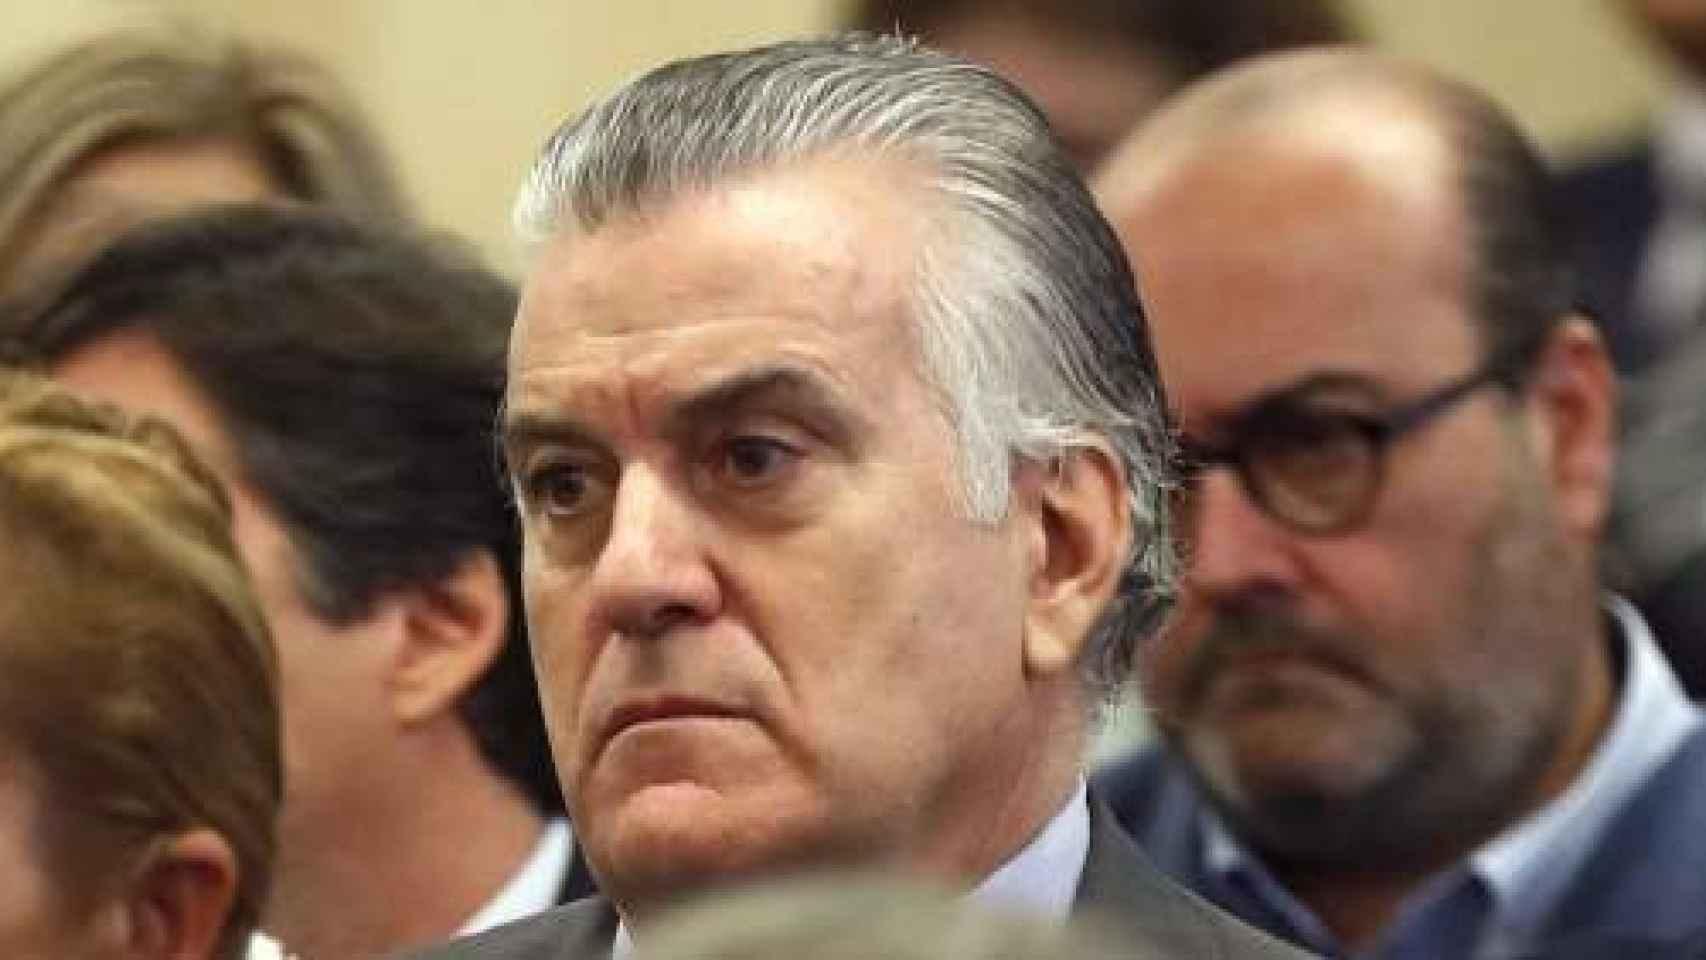 Luis Bárcenas, en el banquillo de los acusados en el juicio del 'caso Bárcenas'.